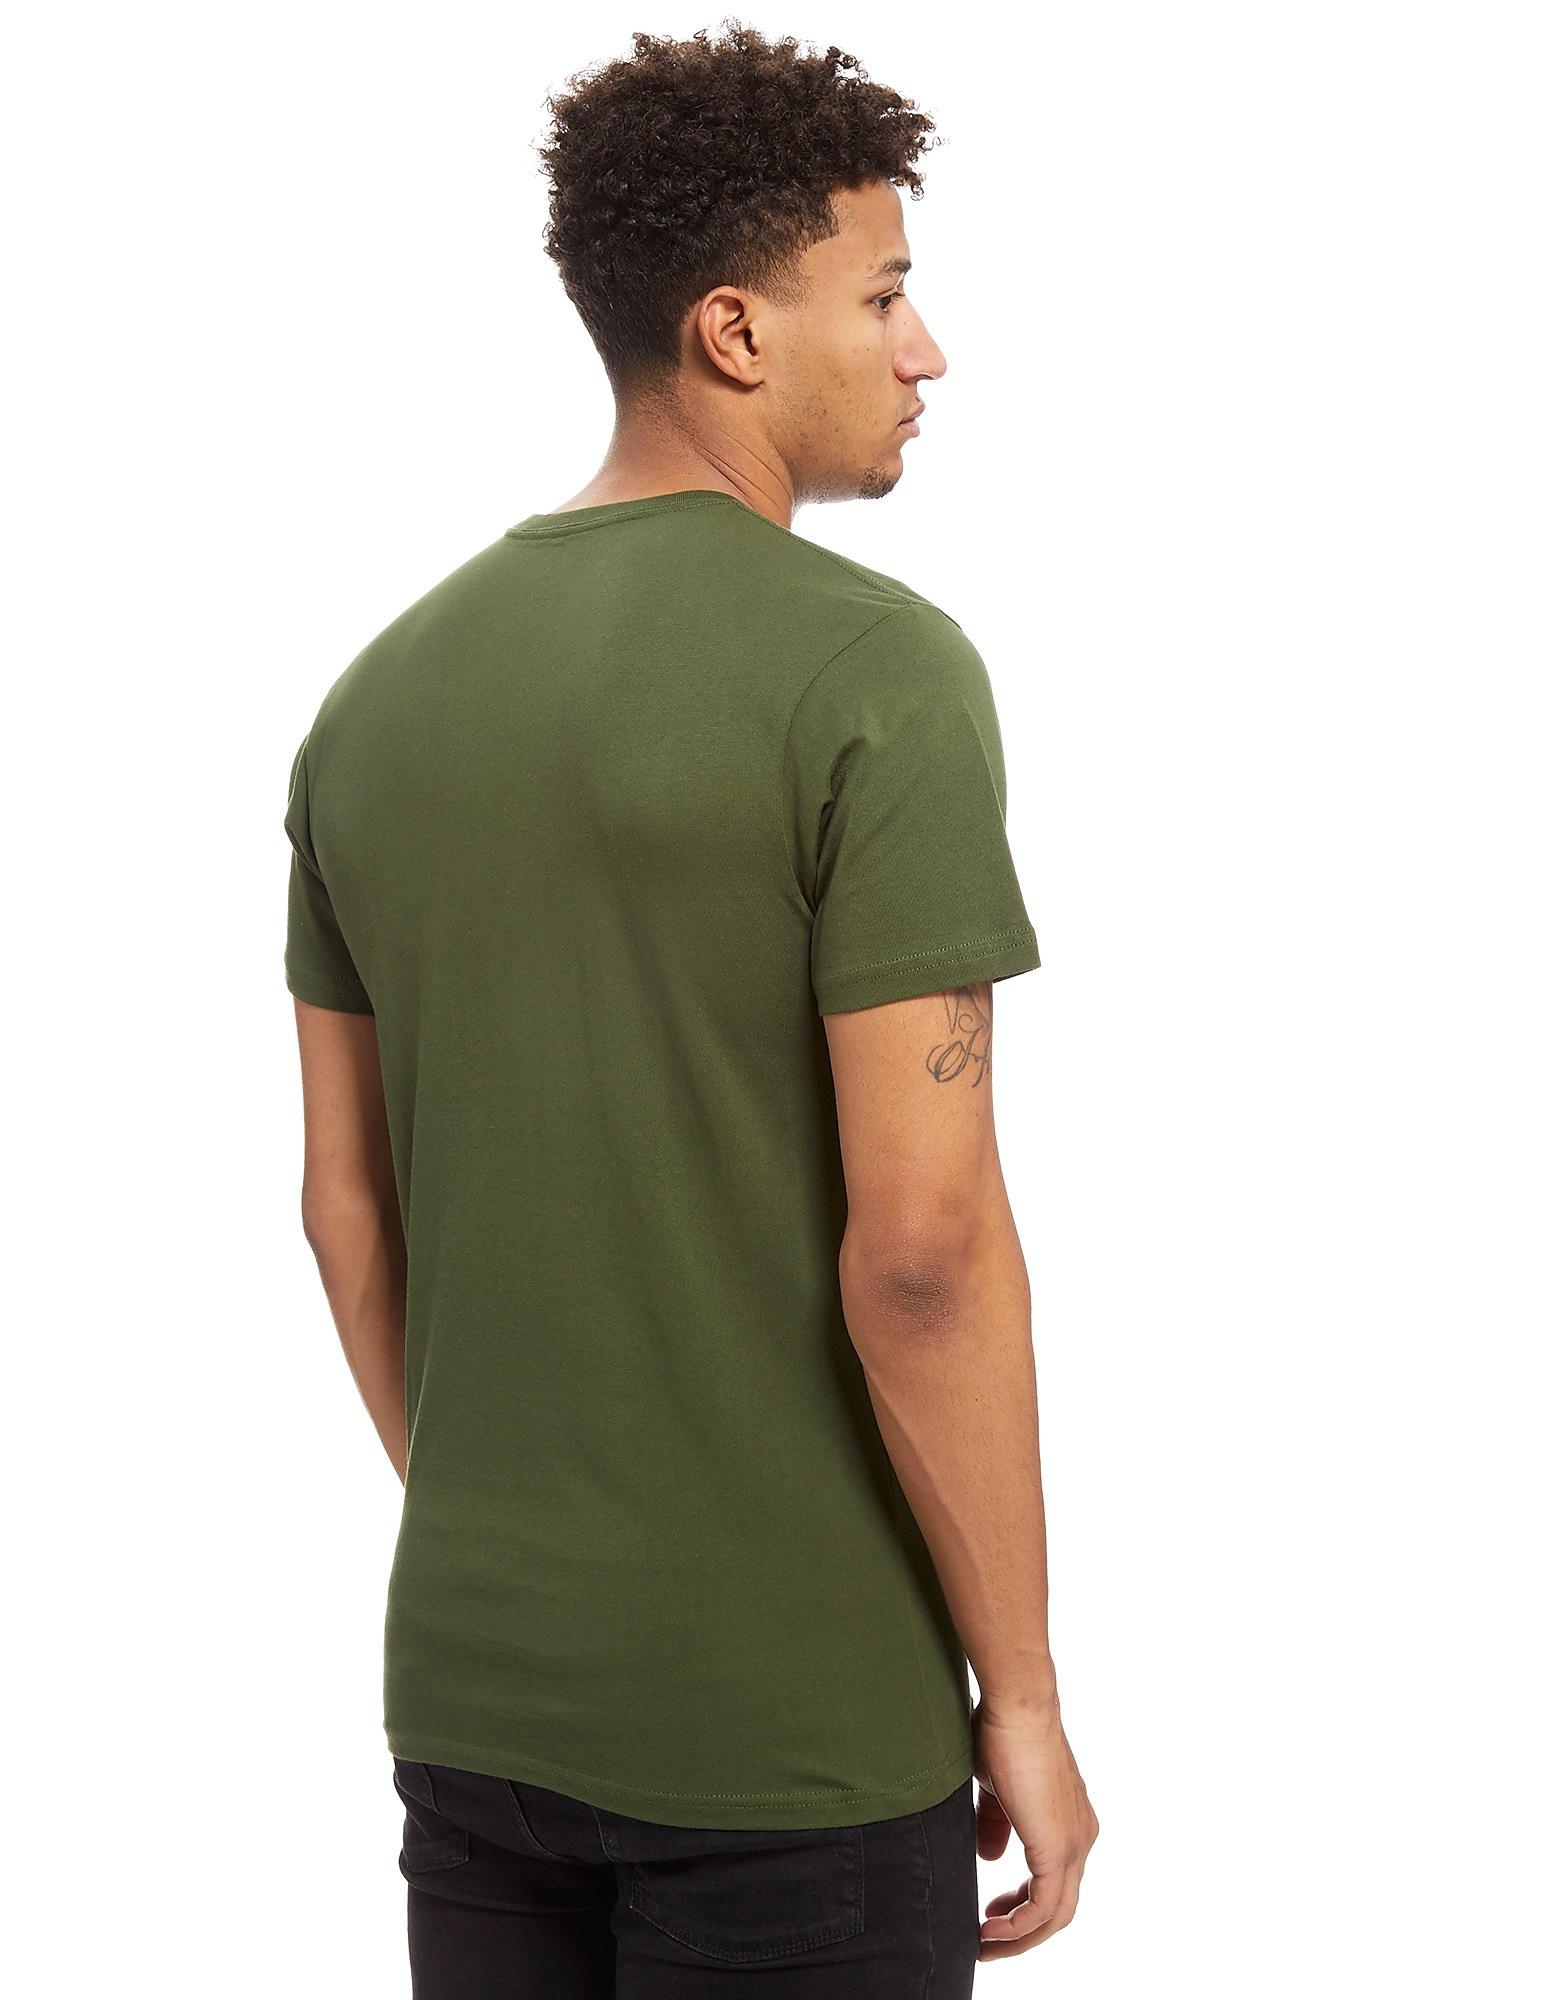 Vans Drop Box 66 T-Shirt